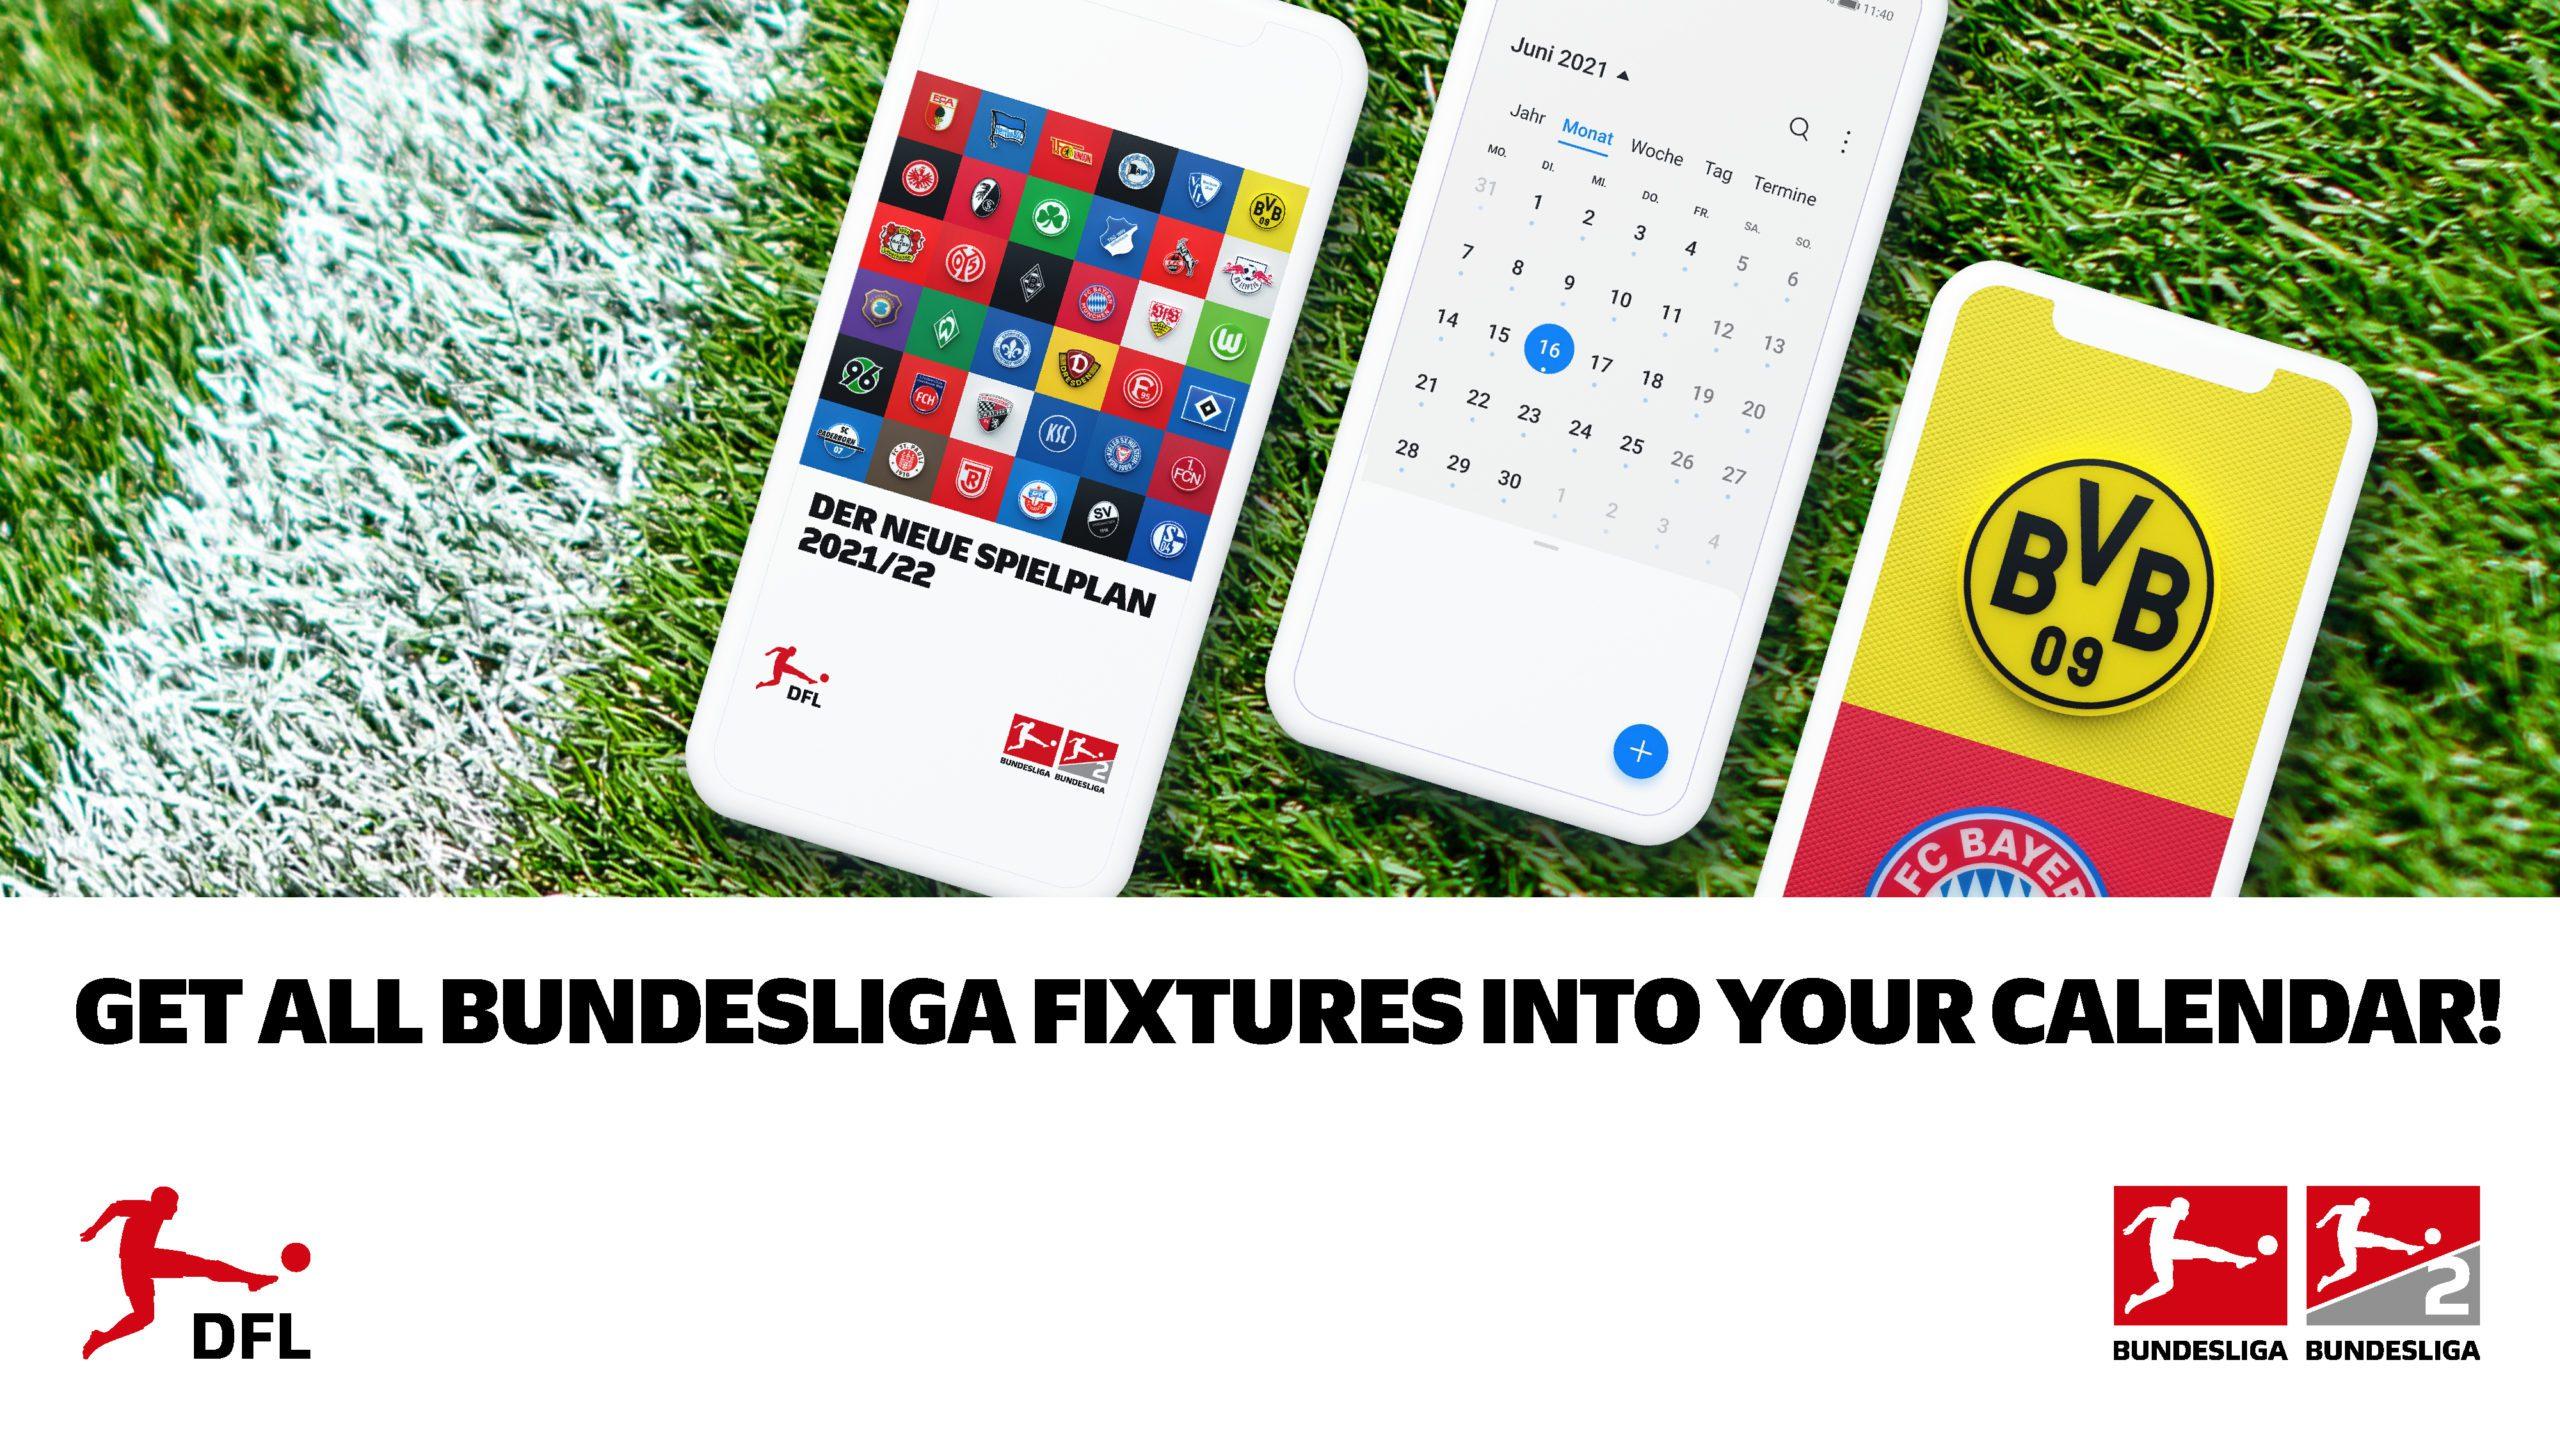 Download the 2021/22 Bundesliga fixtures